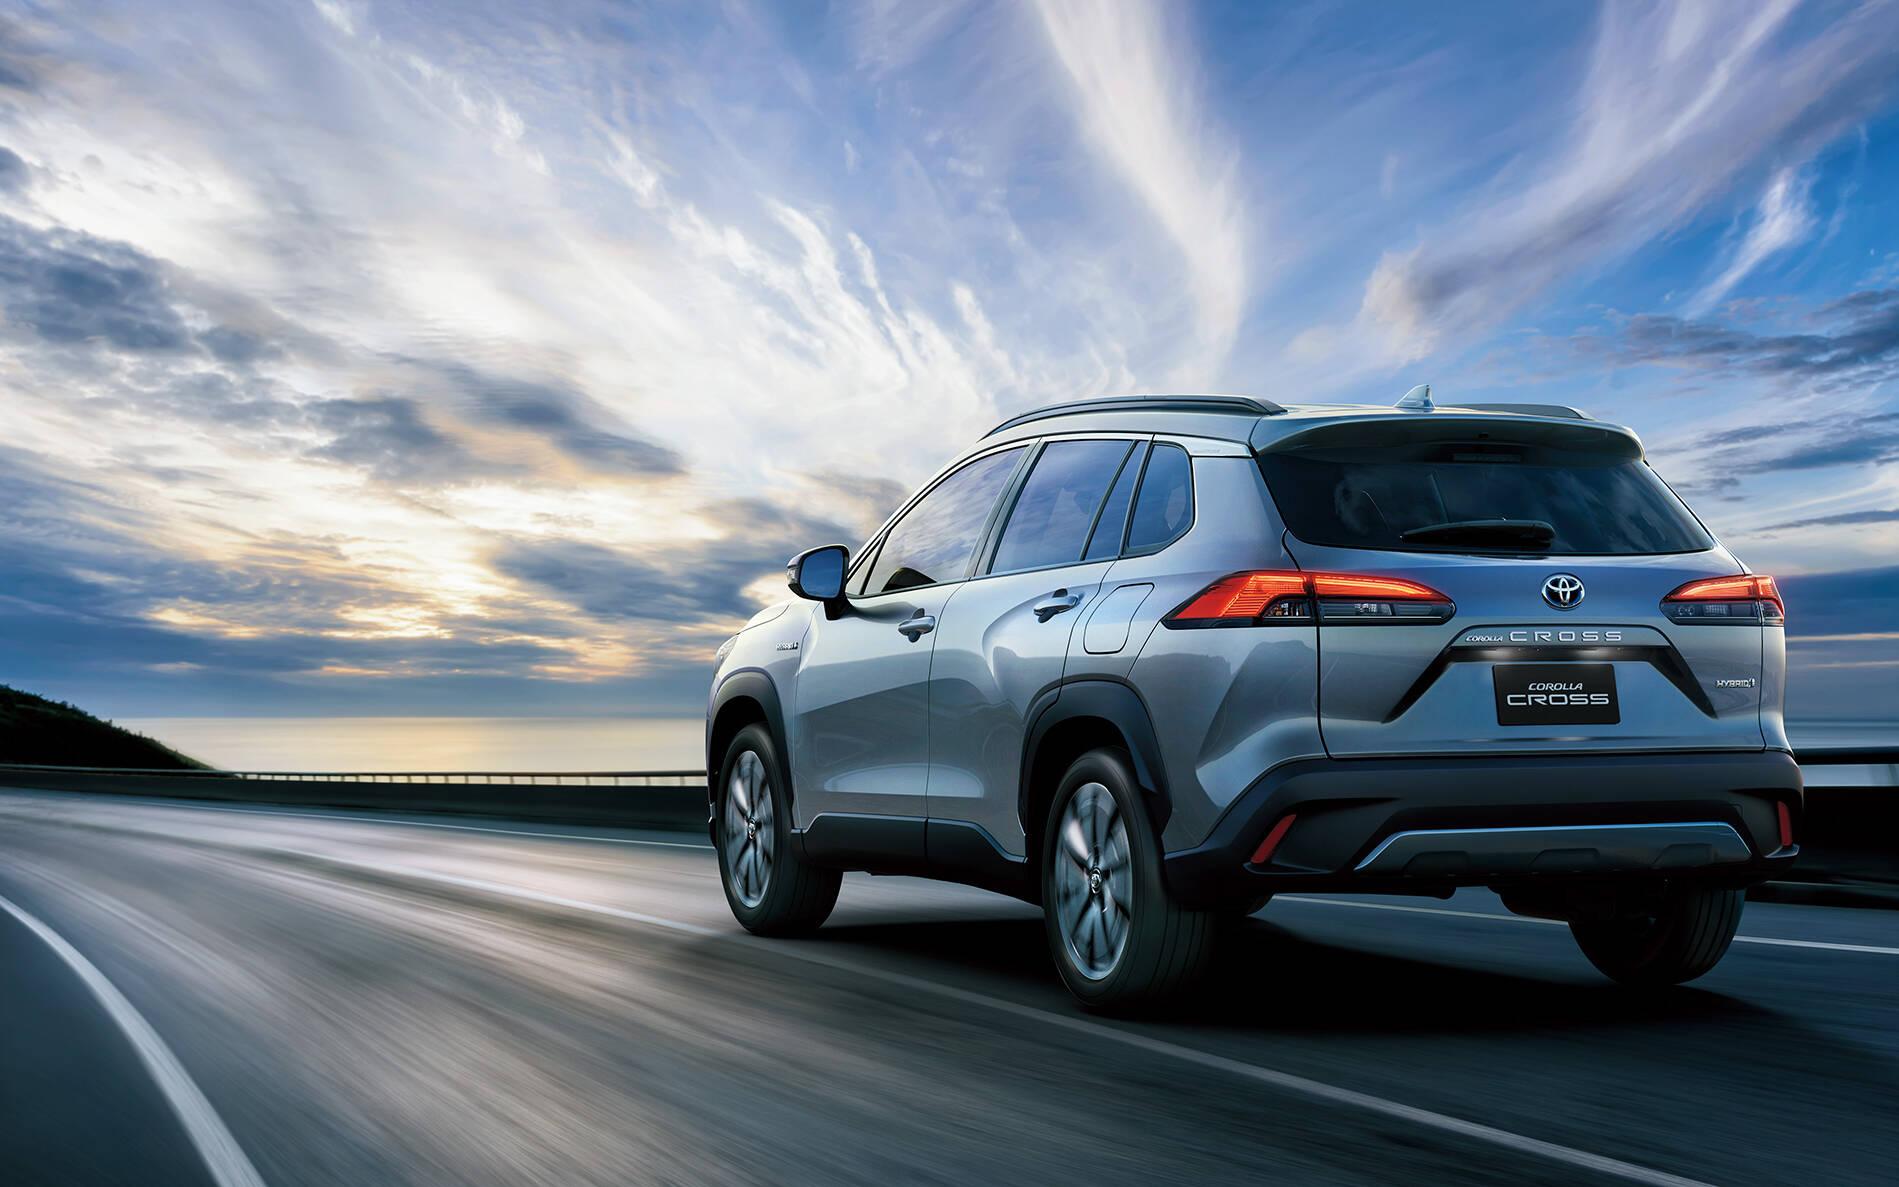 Toyota Corolla Cross 2022 không hé lộ bất cứ thông tin gì về sản phẩm mới dành cho thị trường Mỹ, ngoài ngày ra mắt kèm video ngắn cho thấy một số đường nét của chiếc crossover.